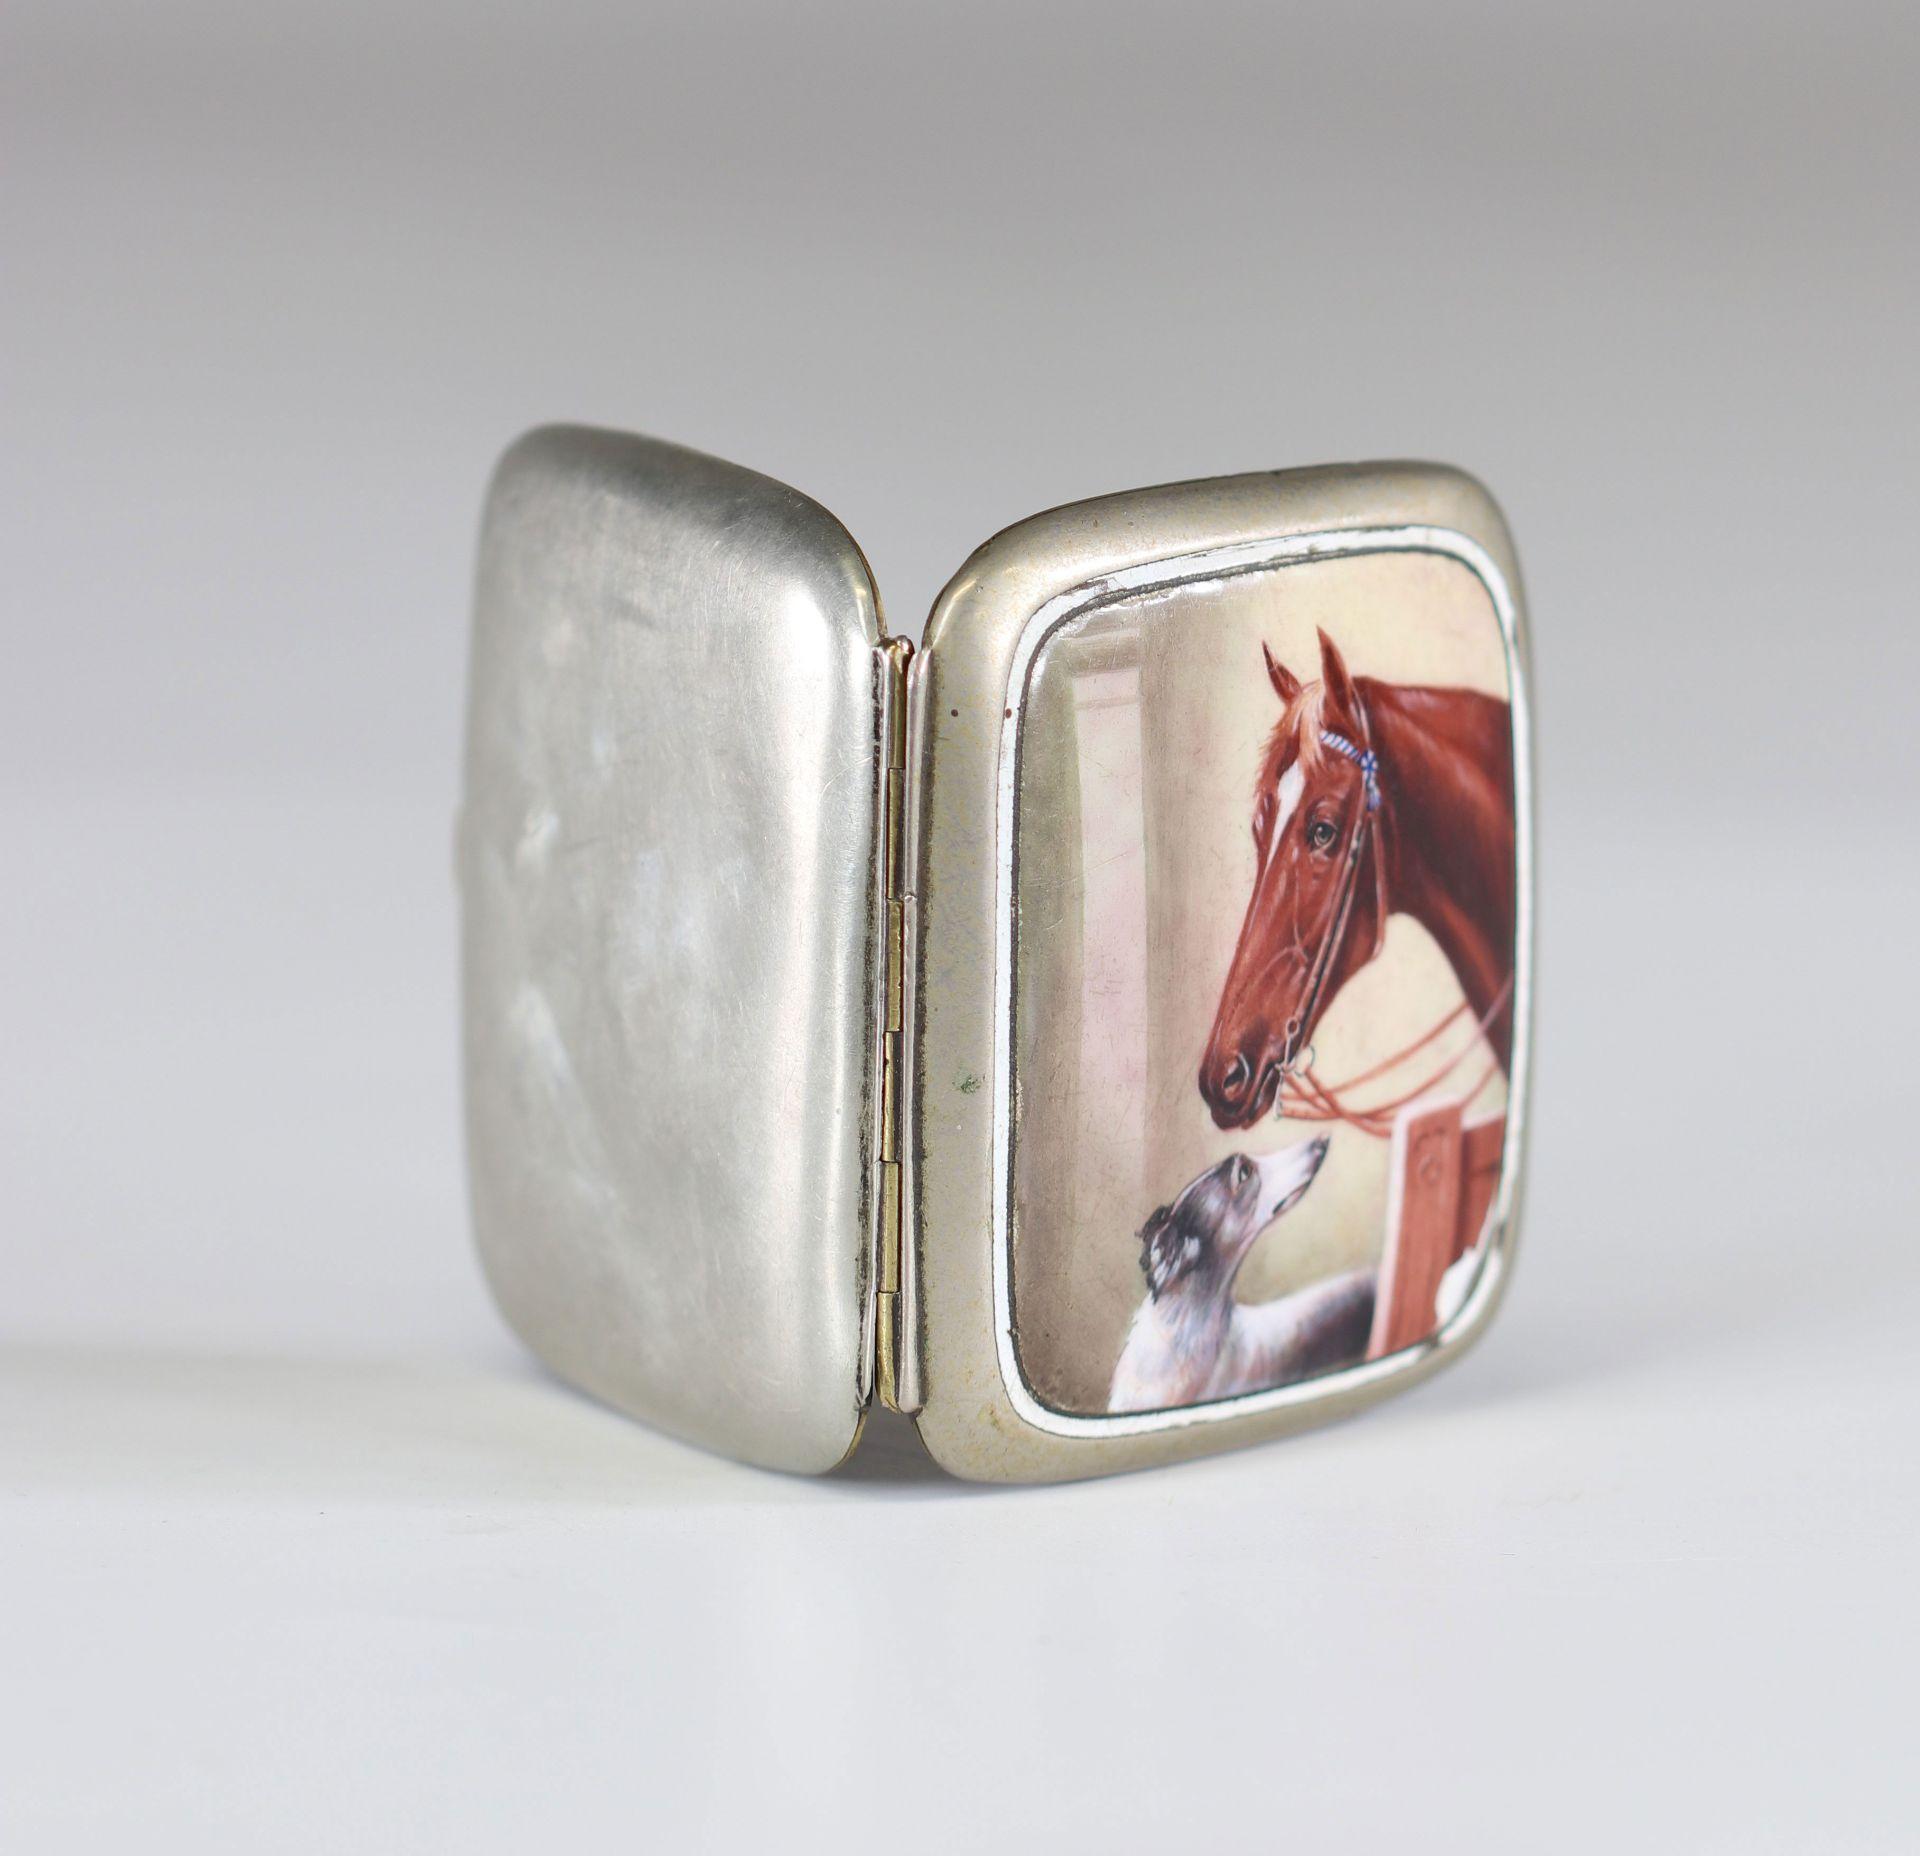 """enamel box """"horse and dog"""" circa 1900 - Image 2 of 2"""